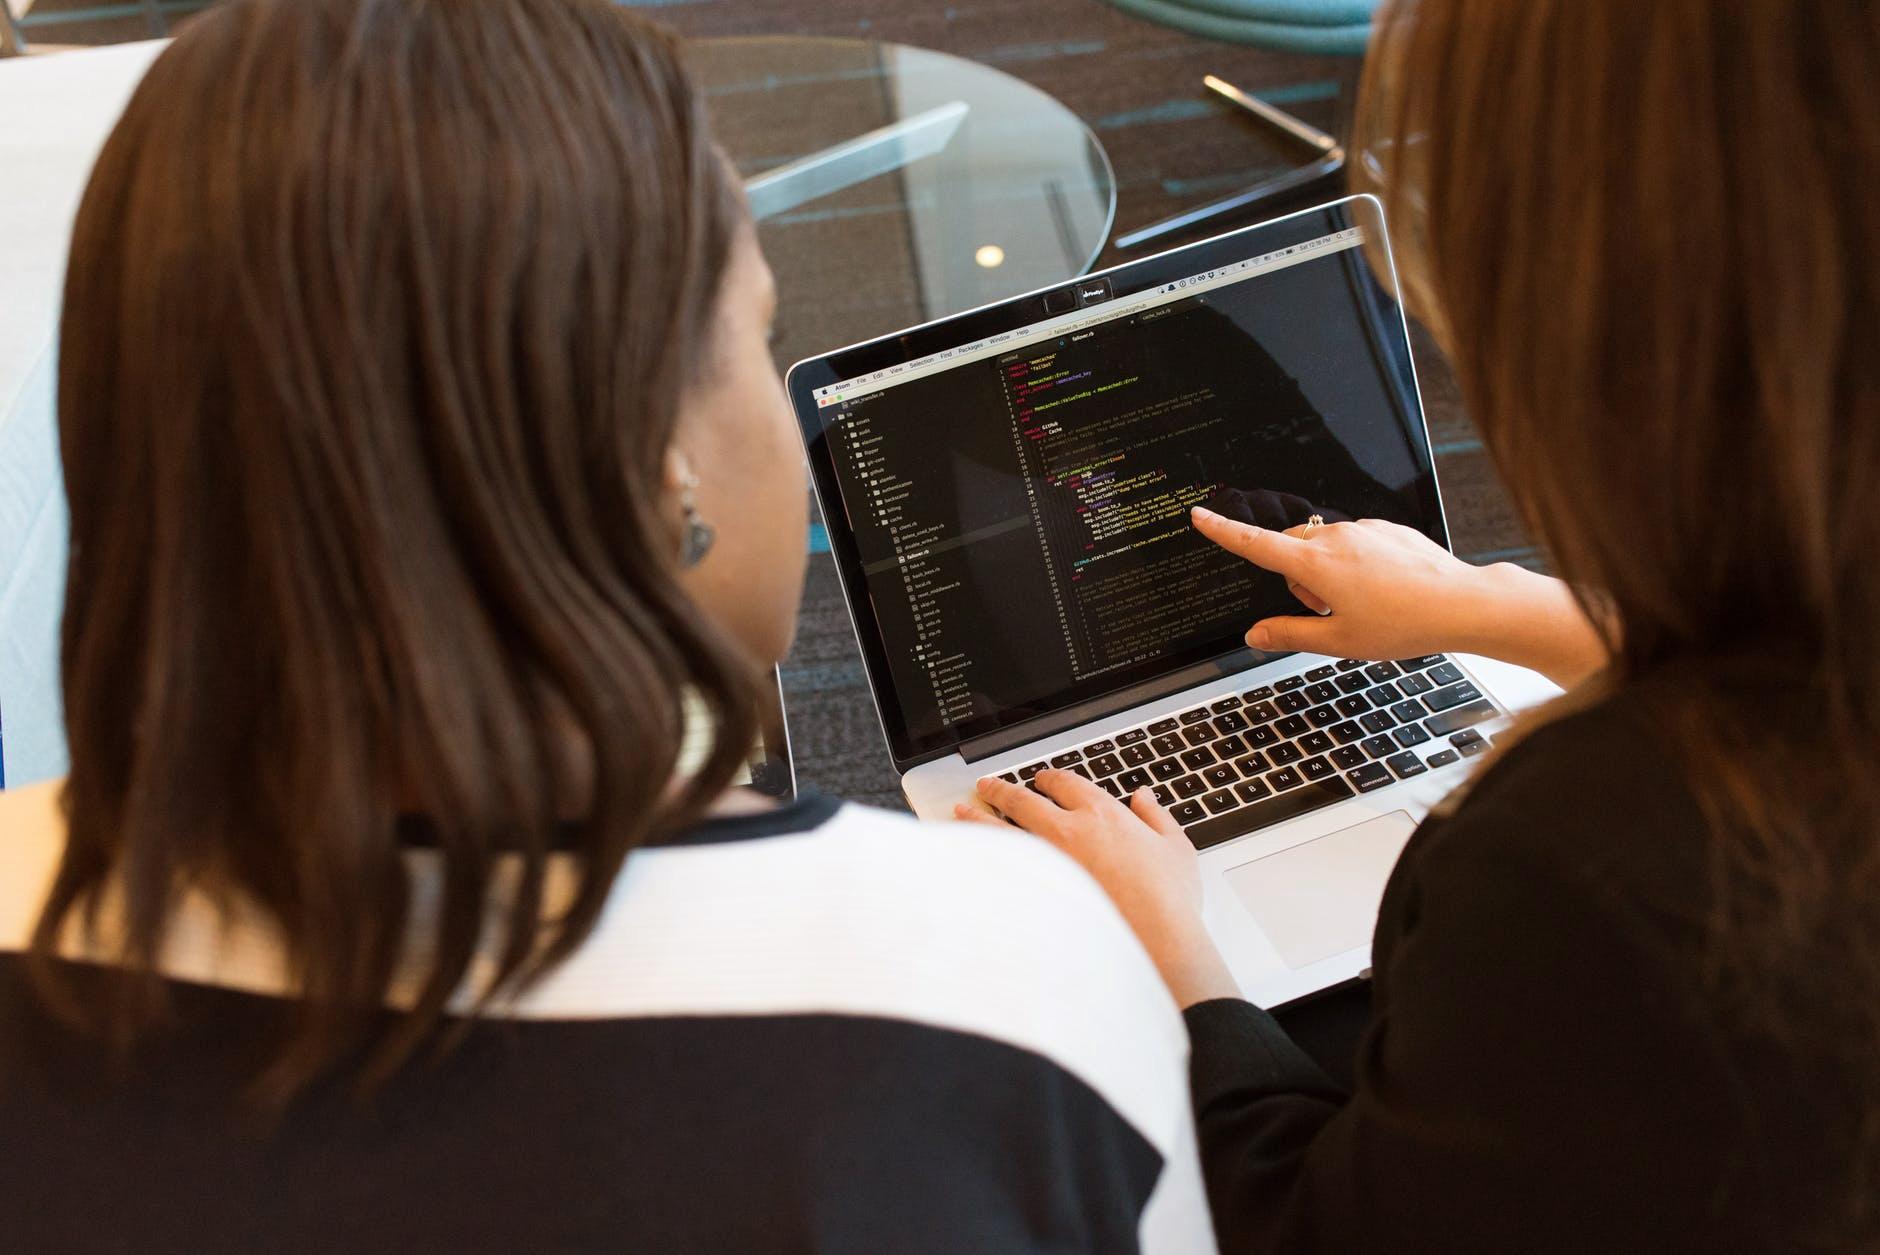 Women in STEM, women coding